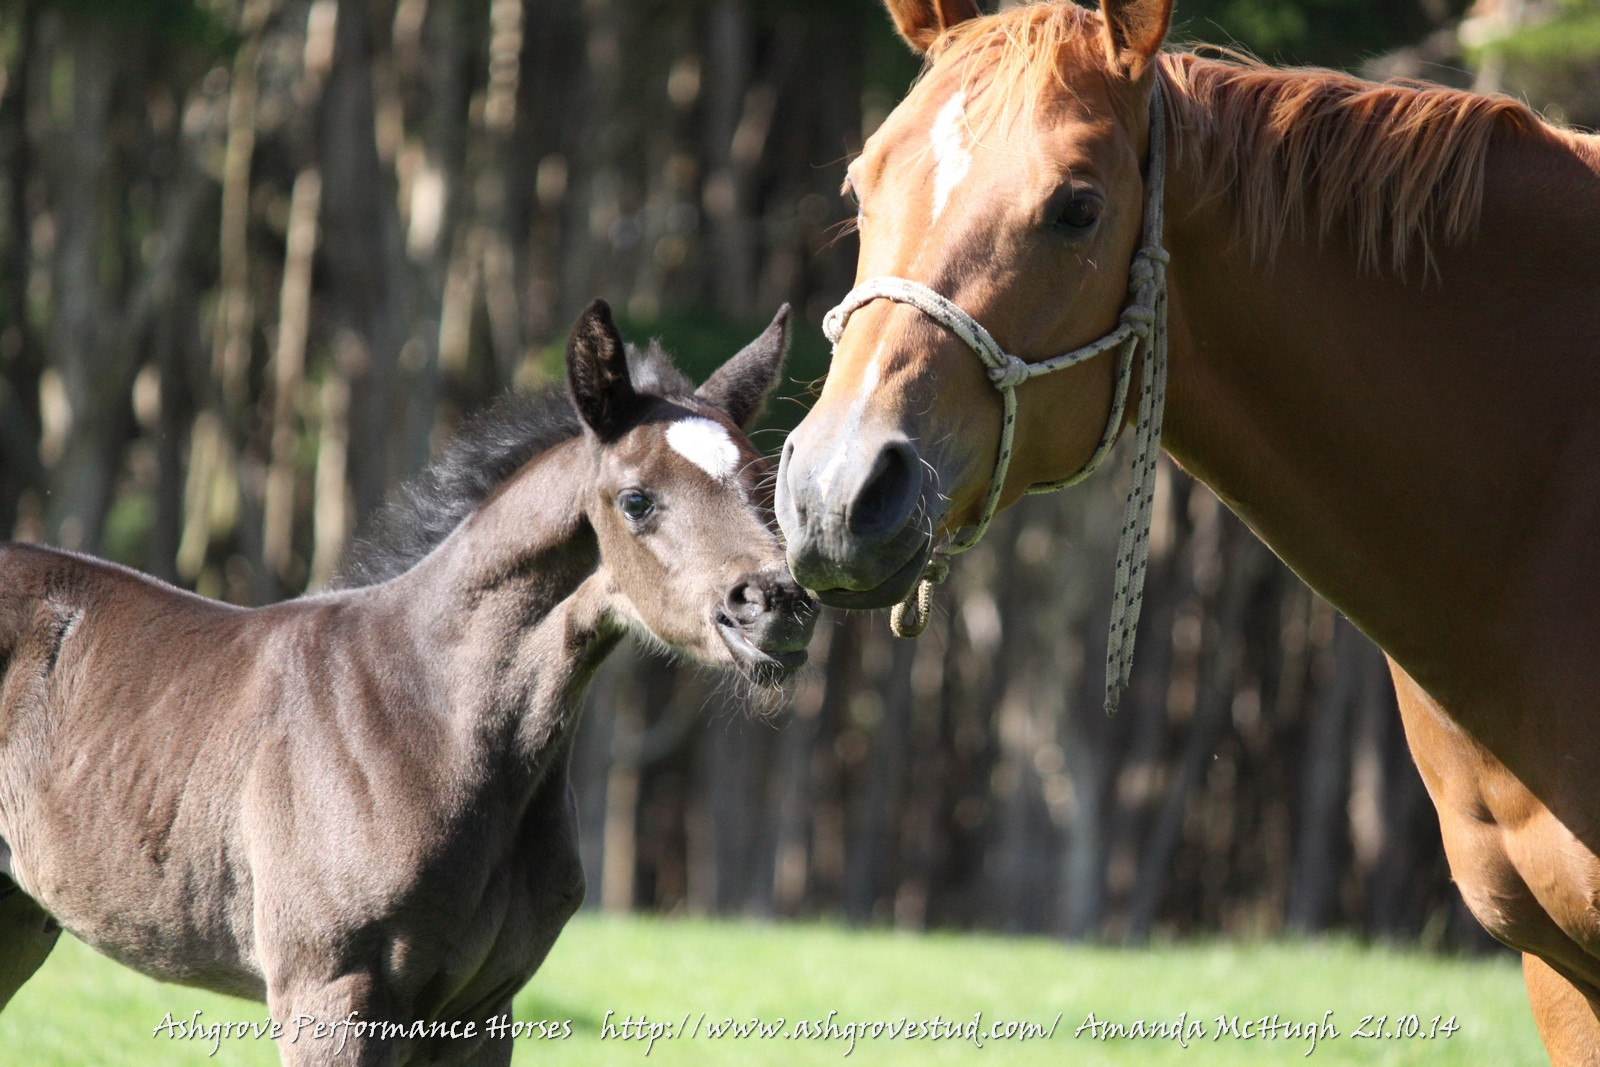 foals 21.10.14 351